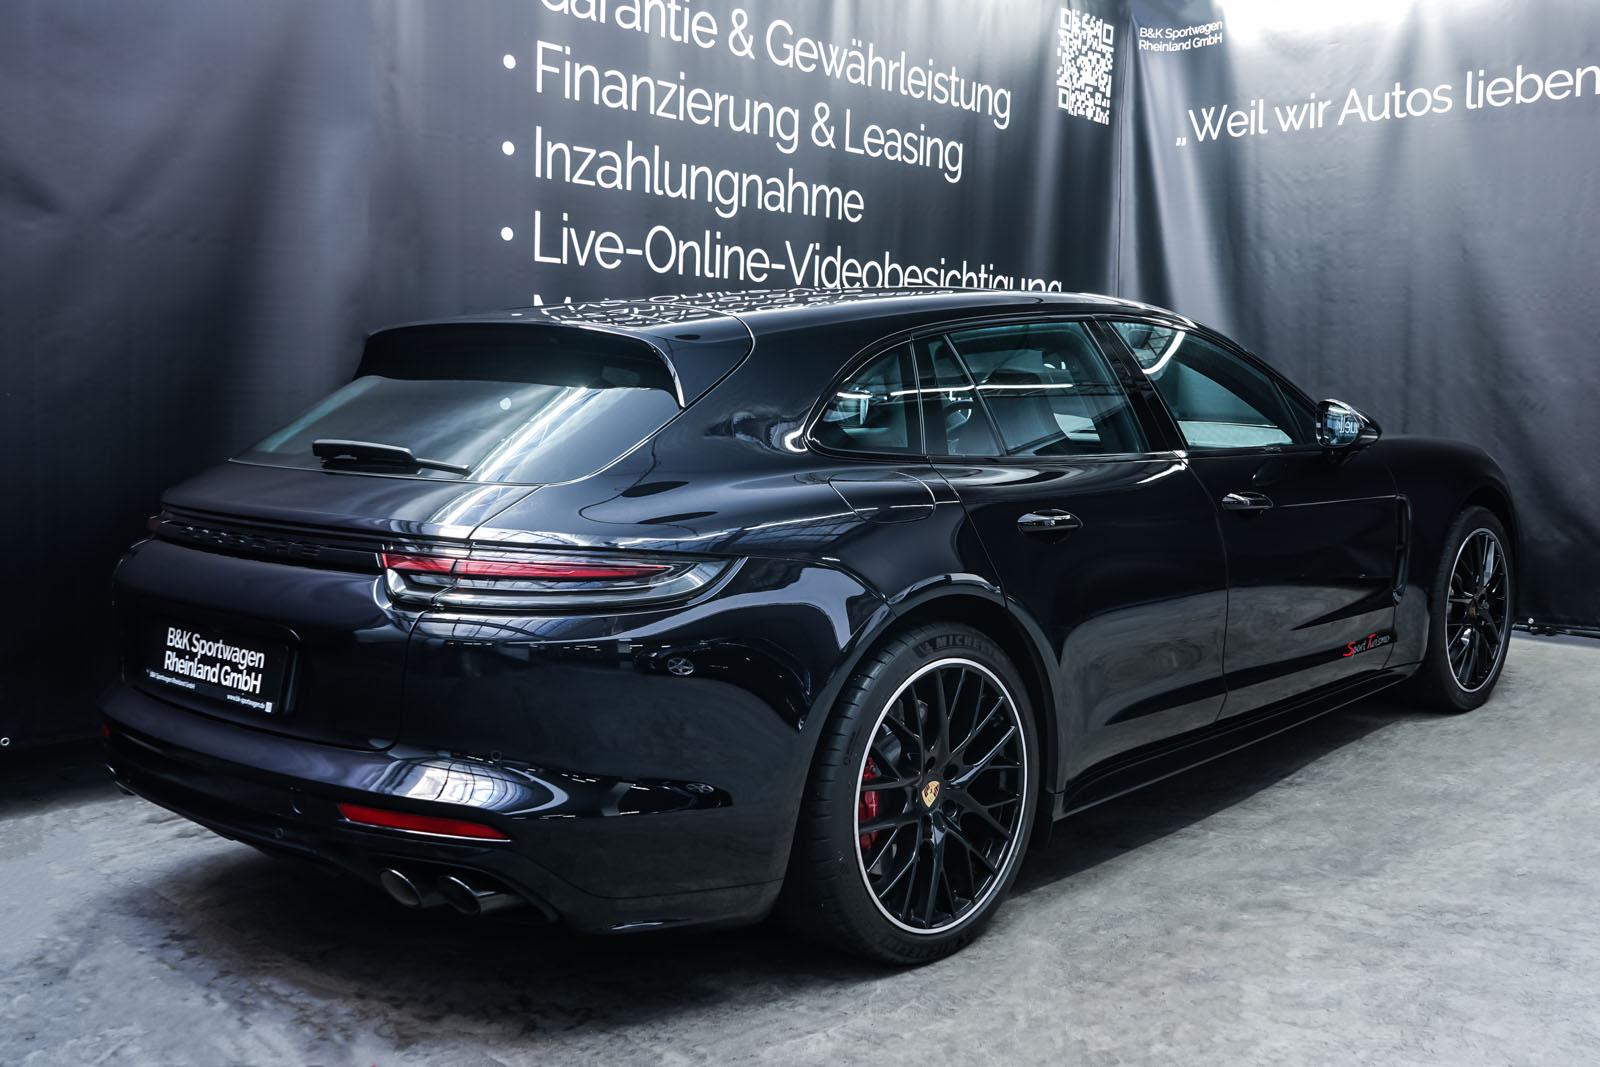 Porsche_Panamera_SportTurismo_Turbo_Schwarz_Schwarz_POR-5145_16_w